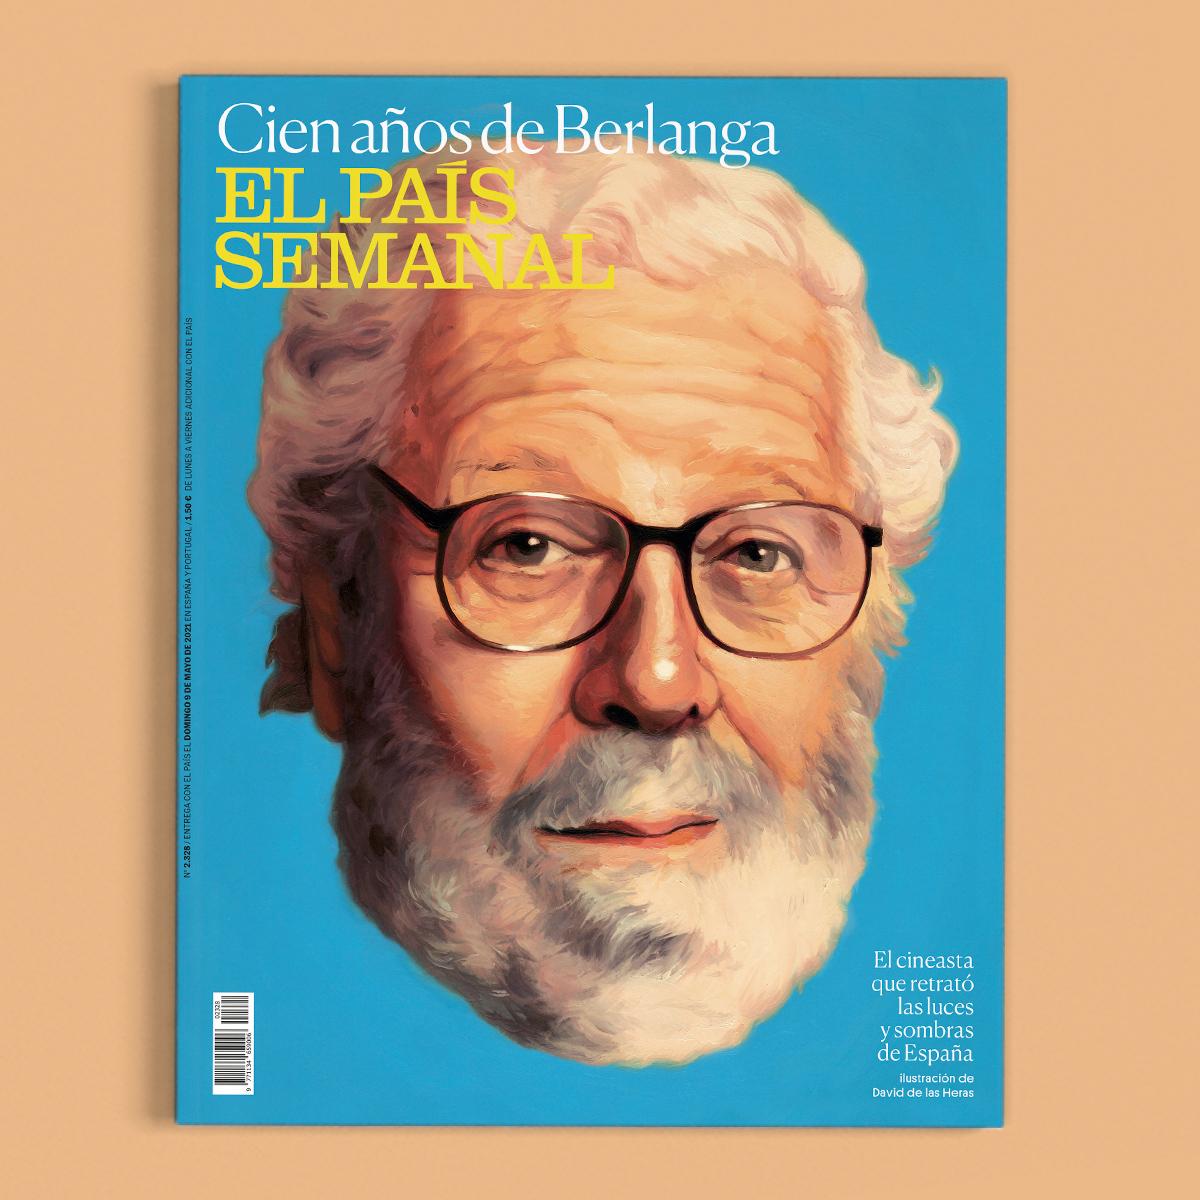 Cien años de Berlanga, este domingo, en 'El País Semanal' | EL PAÍS Semanal  | EL PAÍS